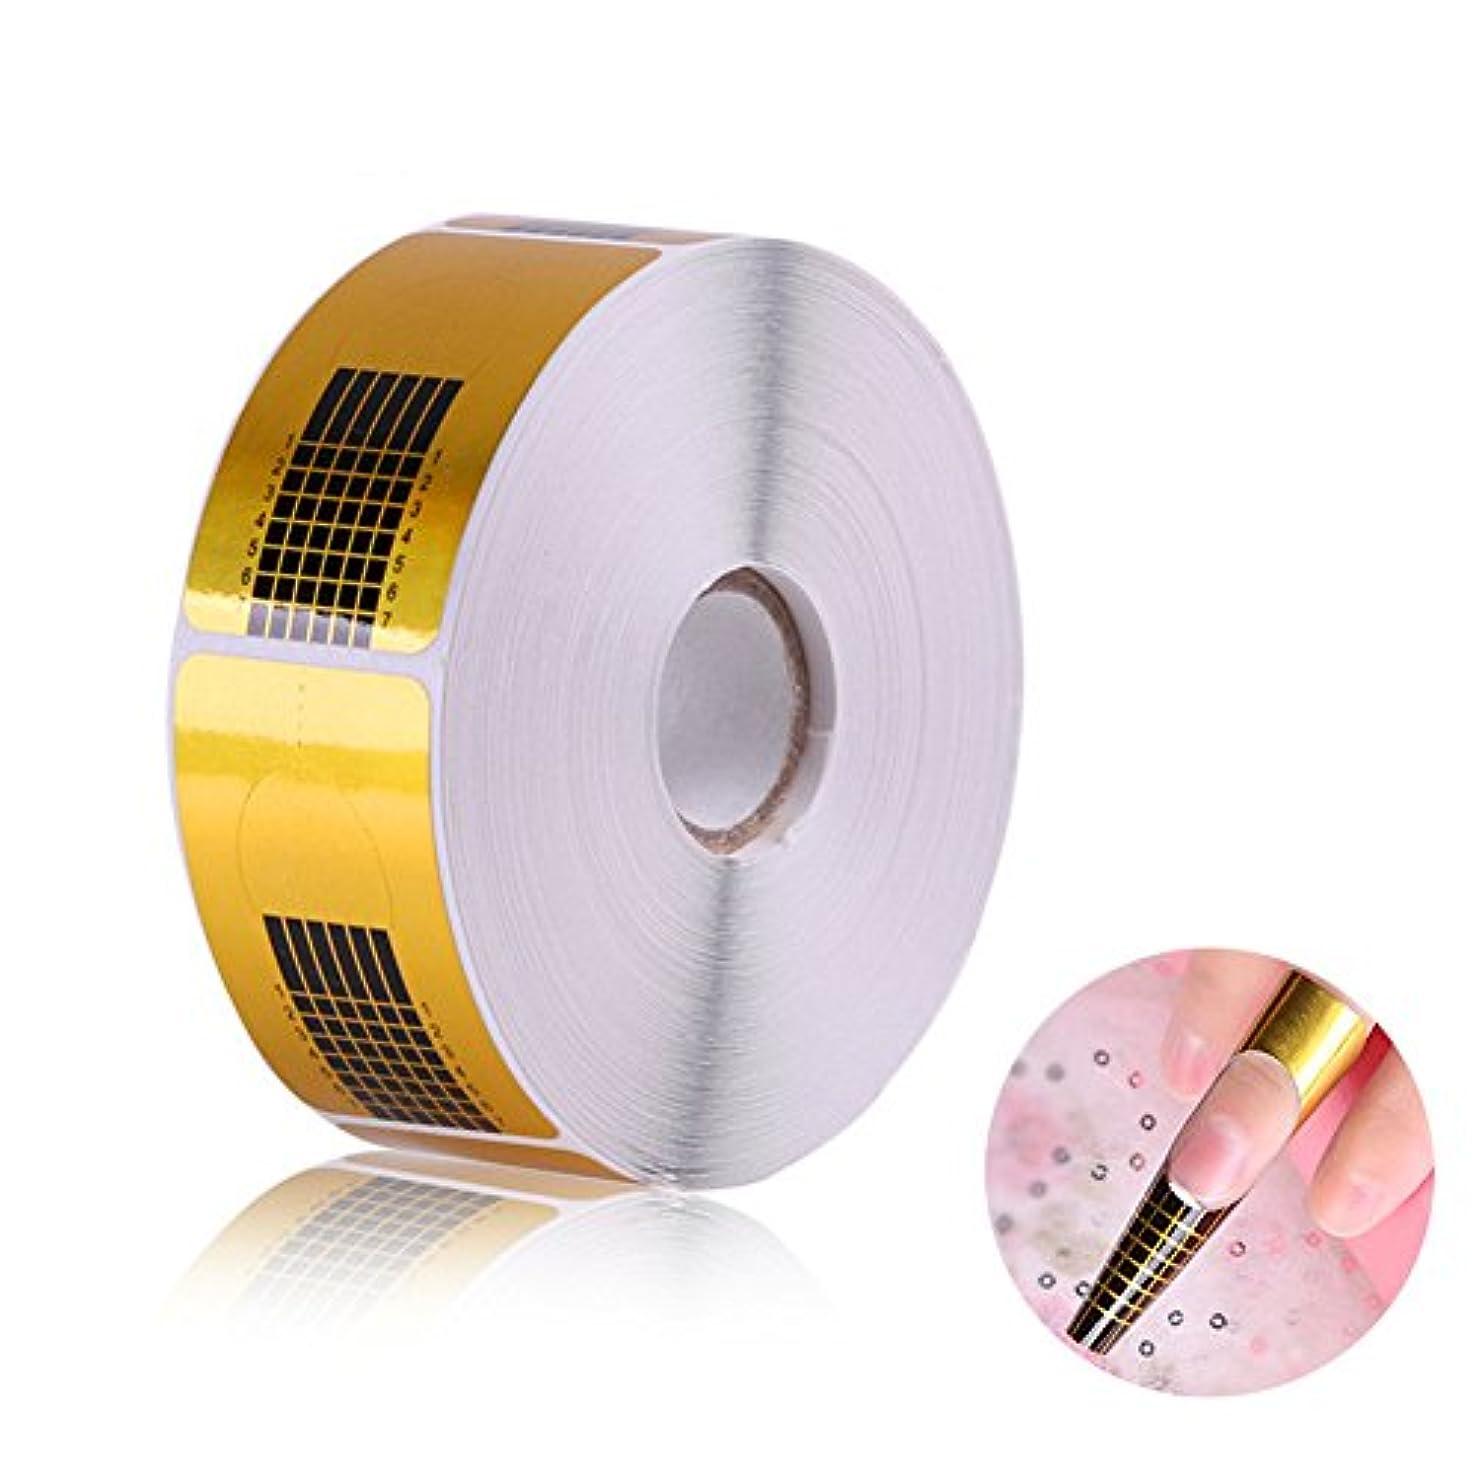 さらに知事特異な長さだしネイルフォームガイドテープ アクリル、UVジェルネイルチップエクステンションに適用なツール マニキュアネイルアートツール (20枚)